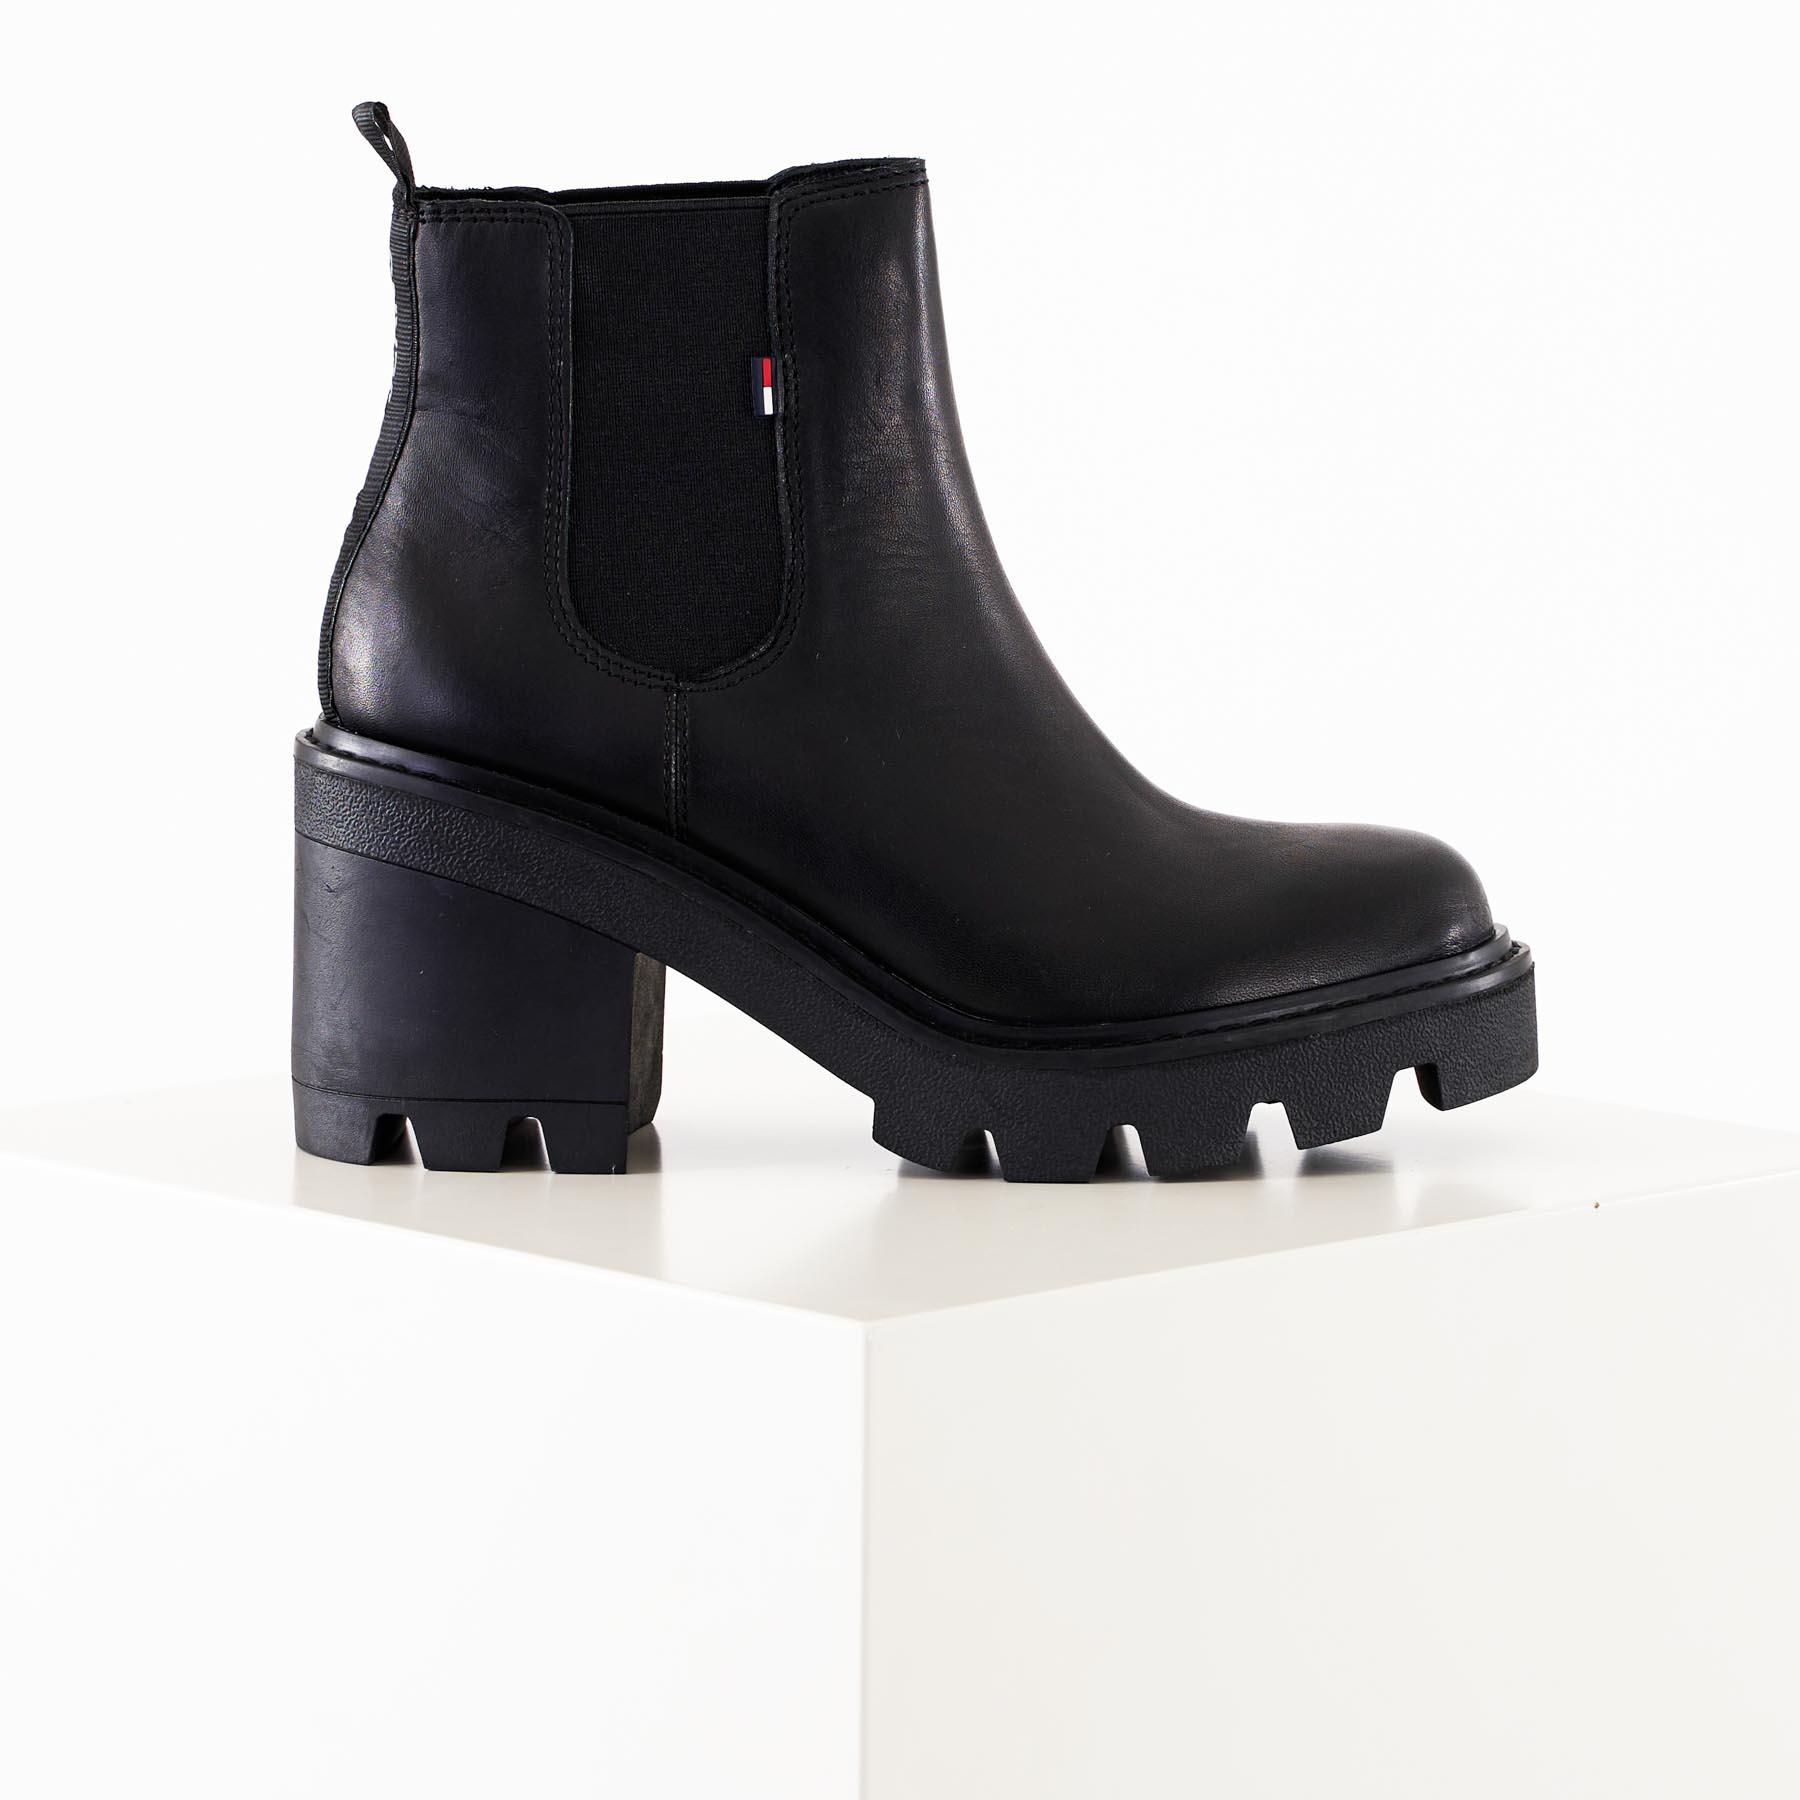 Køb Tommy Hilfiger Shoes – Essential leather midheel boot – Støvler til damer – Sort – 36